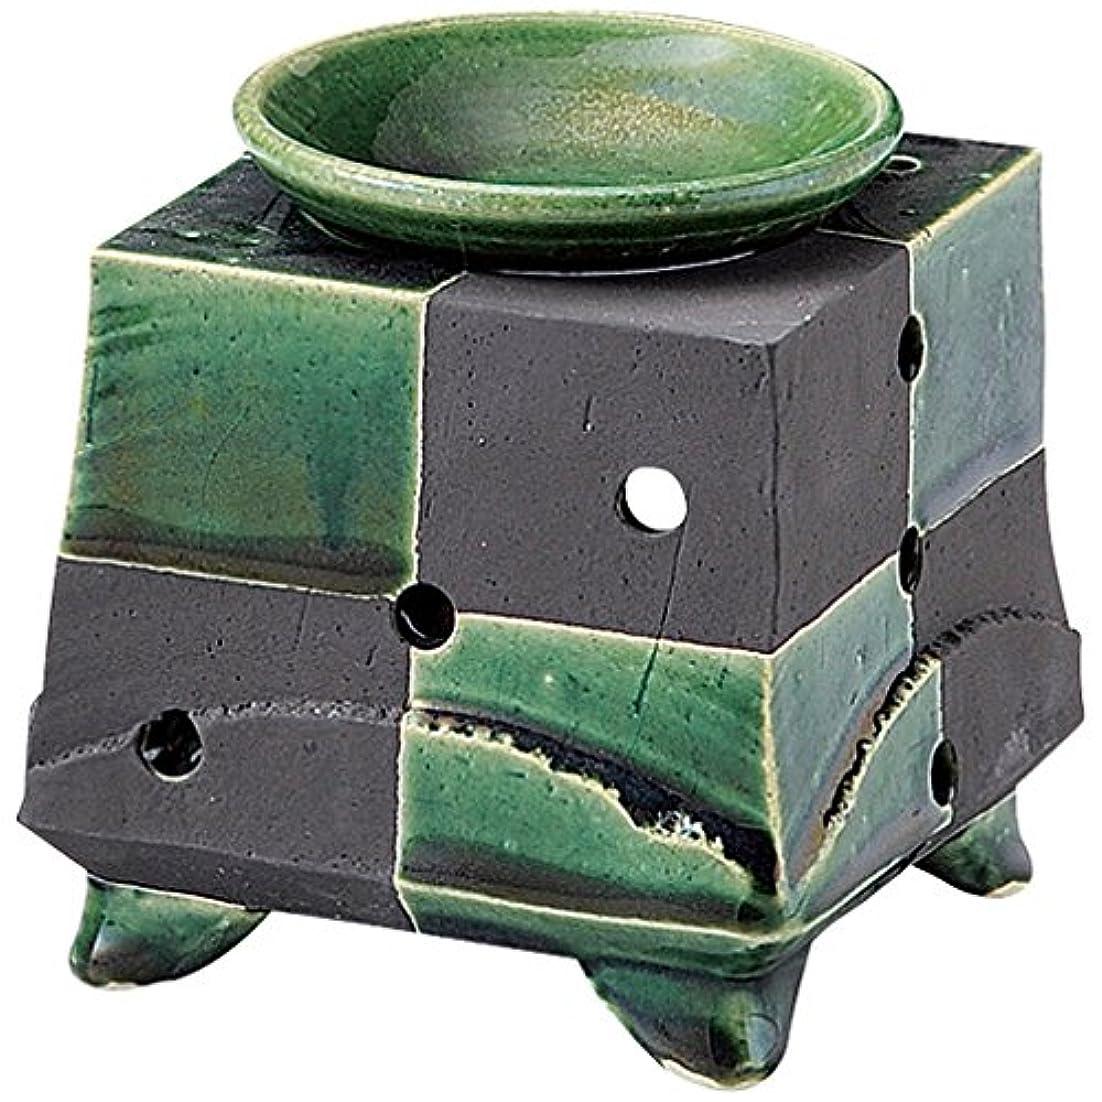 ペルソナドルトレード山下工芸 常滑焼 佳窯織部黒市松茶香炉 11.5×11.5×11.5cm 13045770